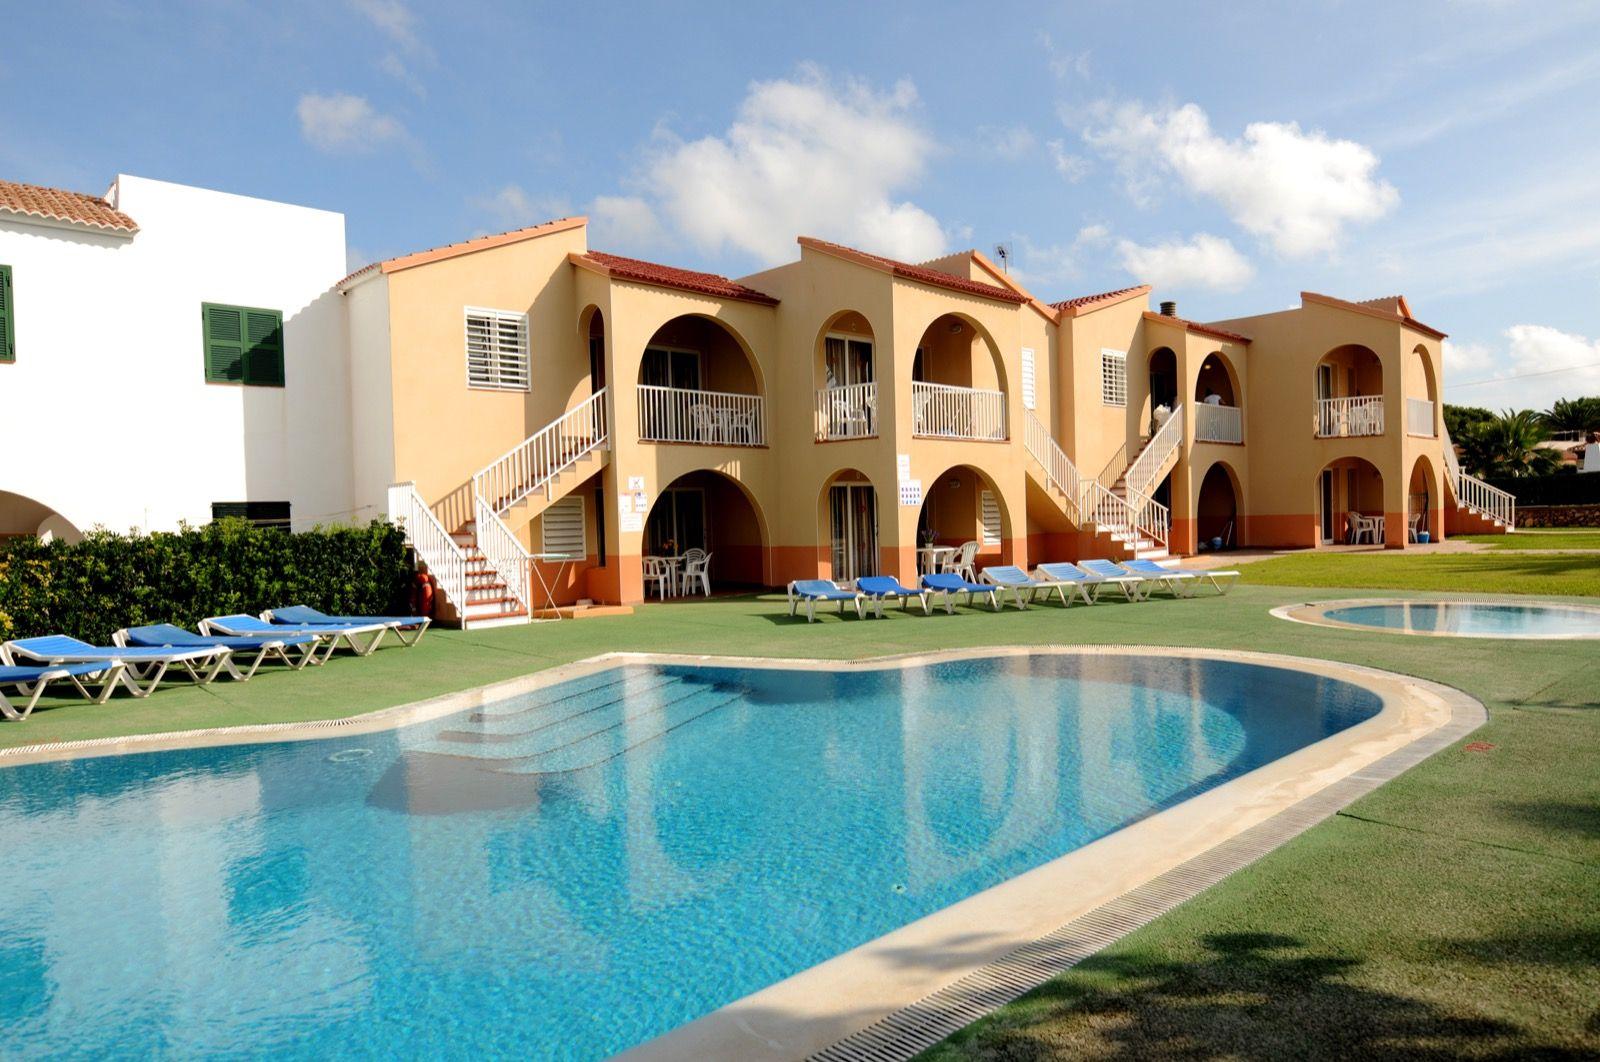 Apartamentos Maribel - Cala Blanca - Ciutadella